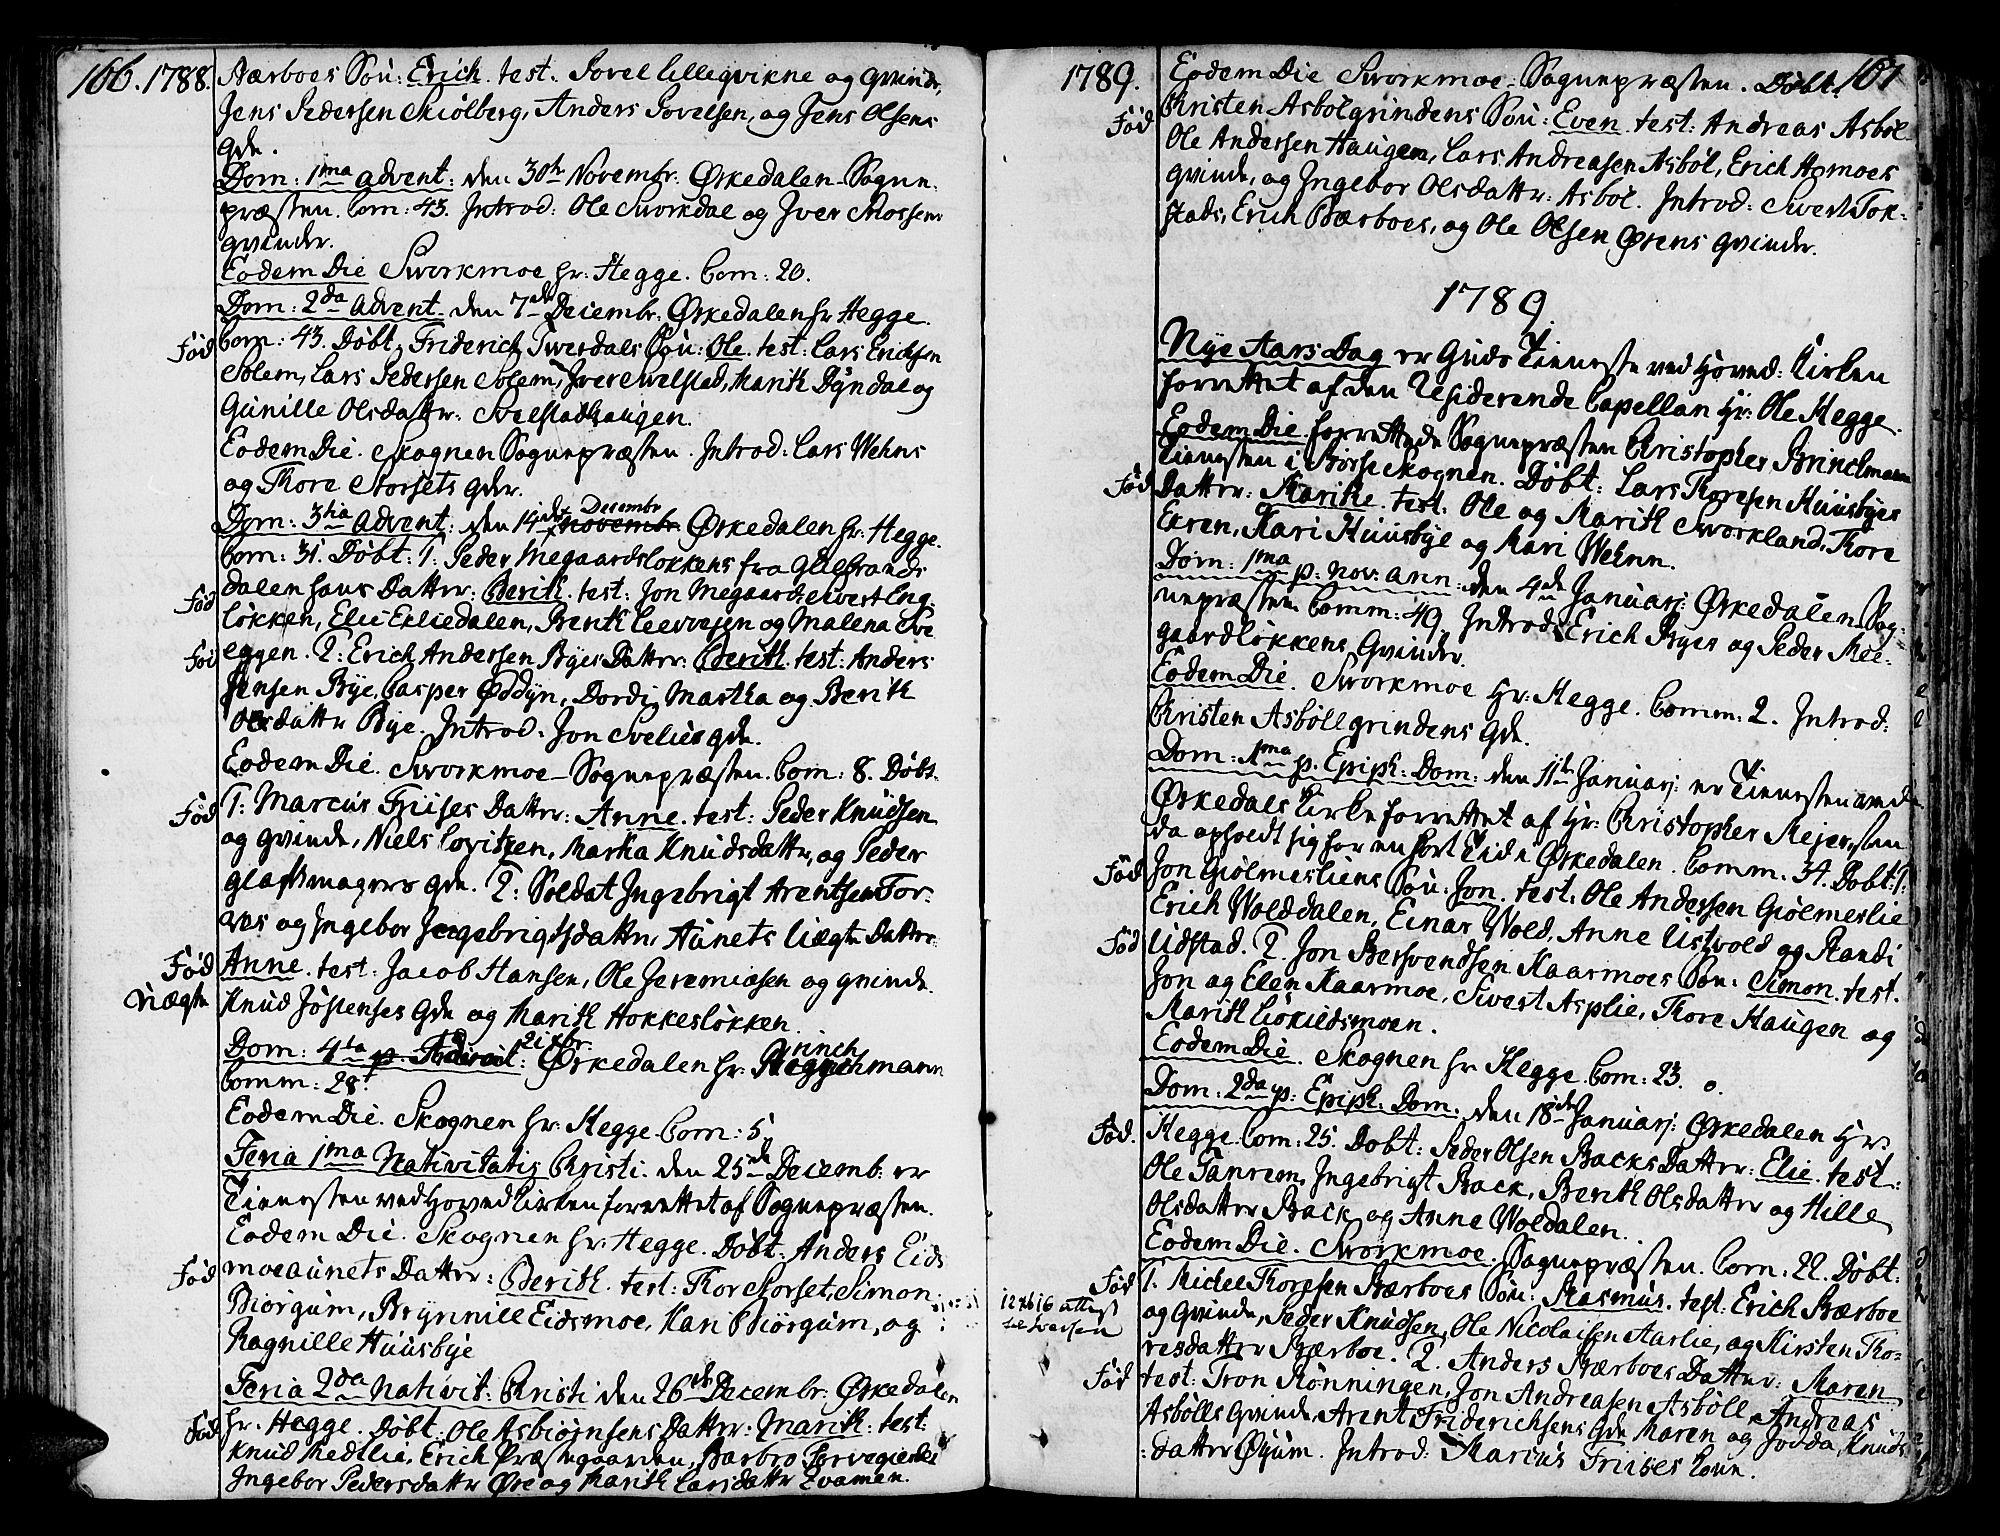 SAT, Ministerialprotokoller, klokkerbøker og fødselsregistre - Sør-Trøndelag, 668/L0802: Ministerialbok nr. 668A02, 1776-1799, s. 166-167